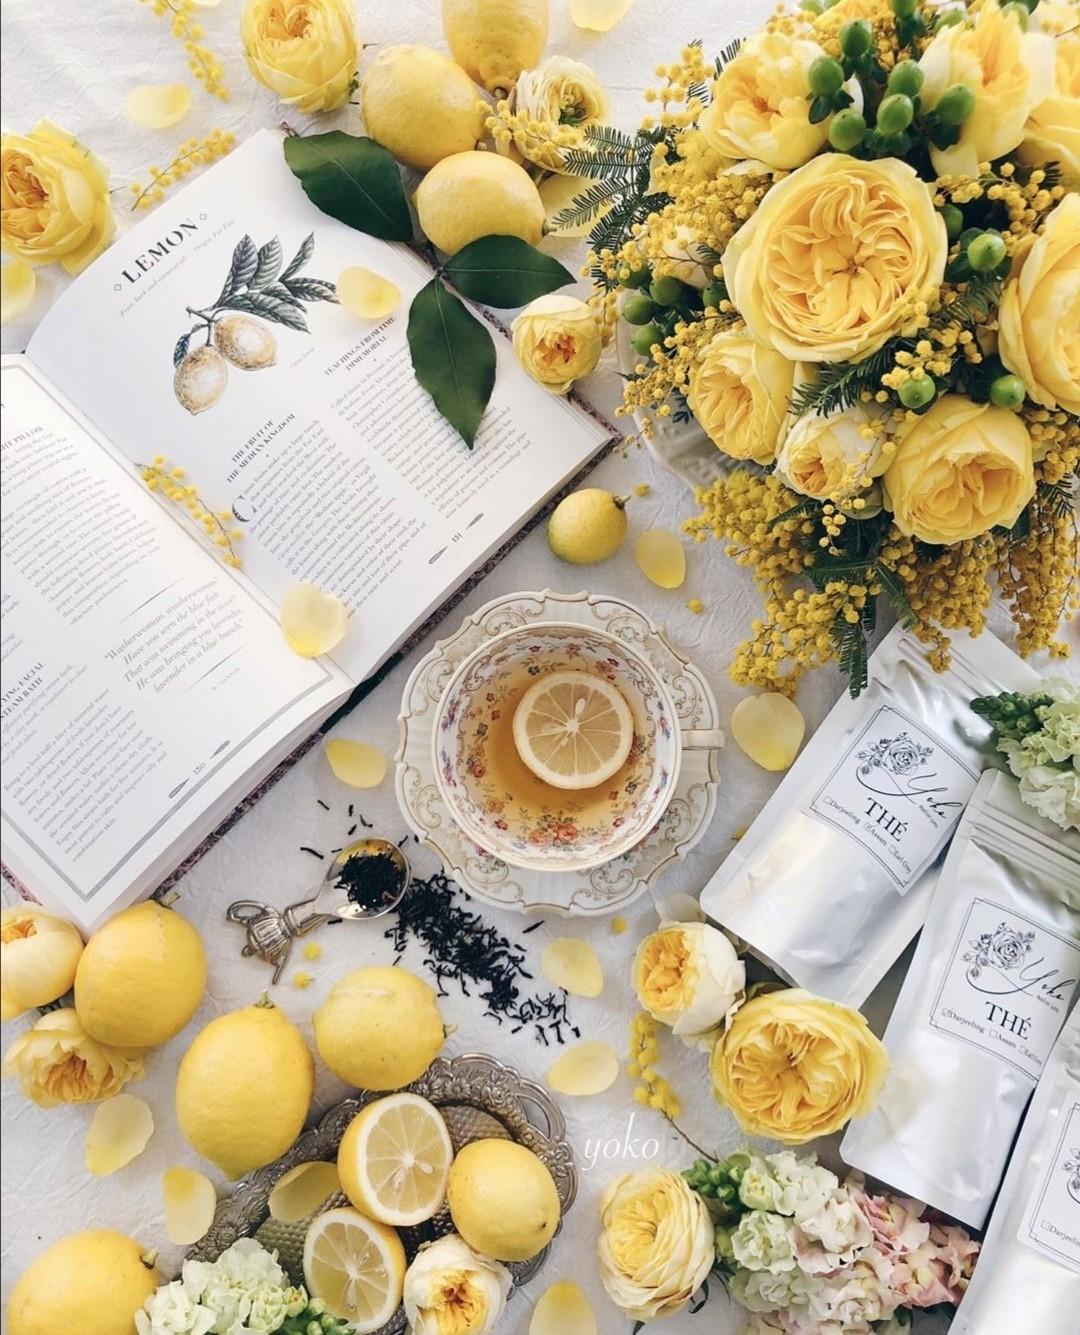 book, lemon, and tea image